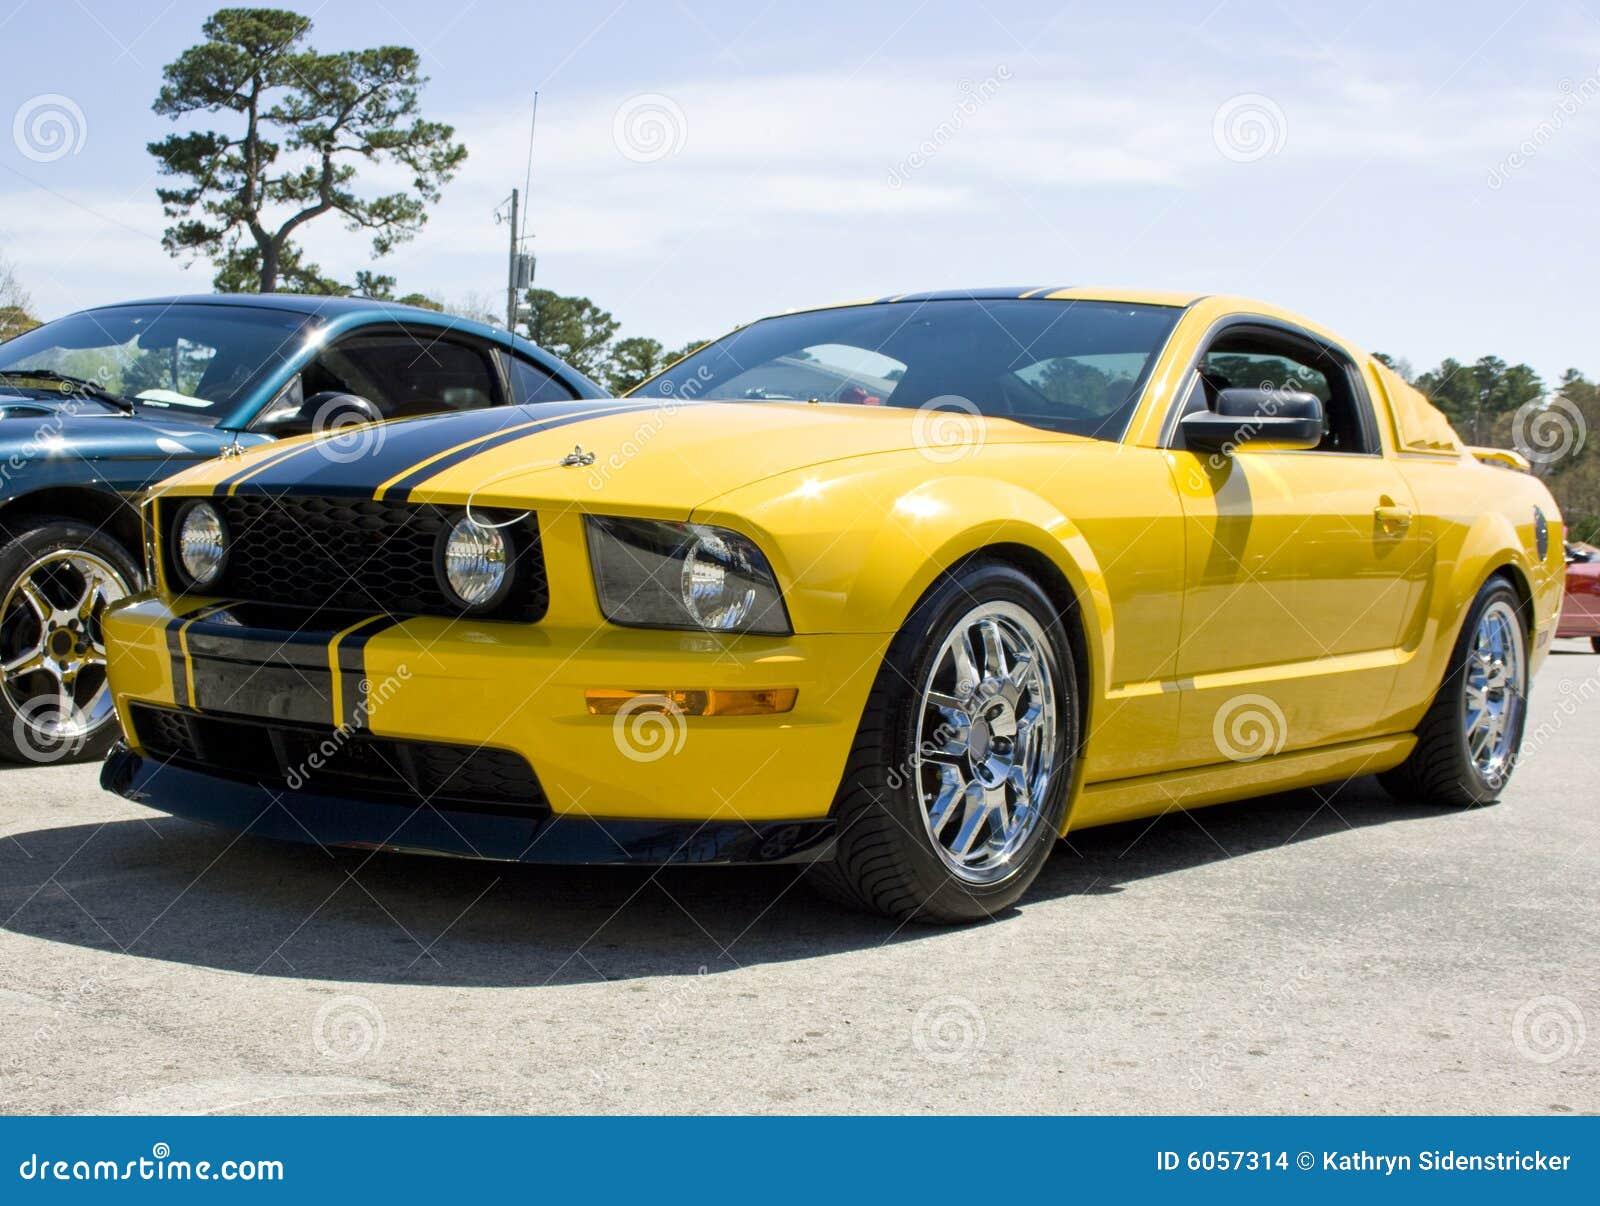 2008 de gele mustang gt van de doorwaadbare plaats stock for Gele lampen auto